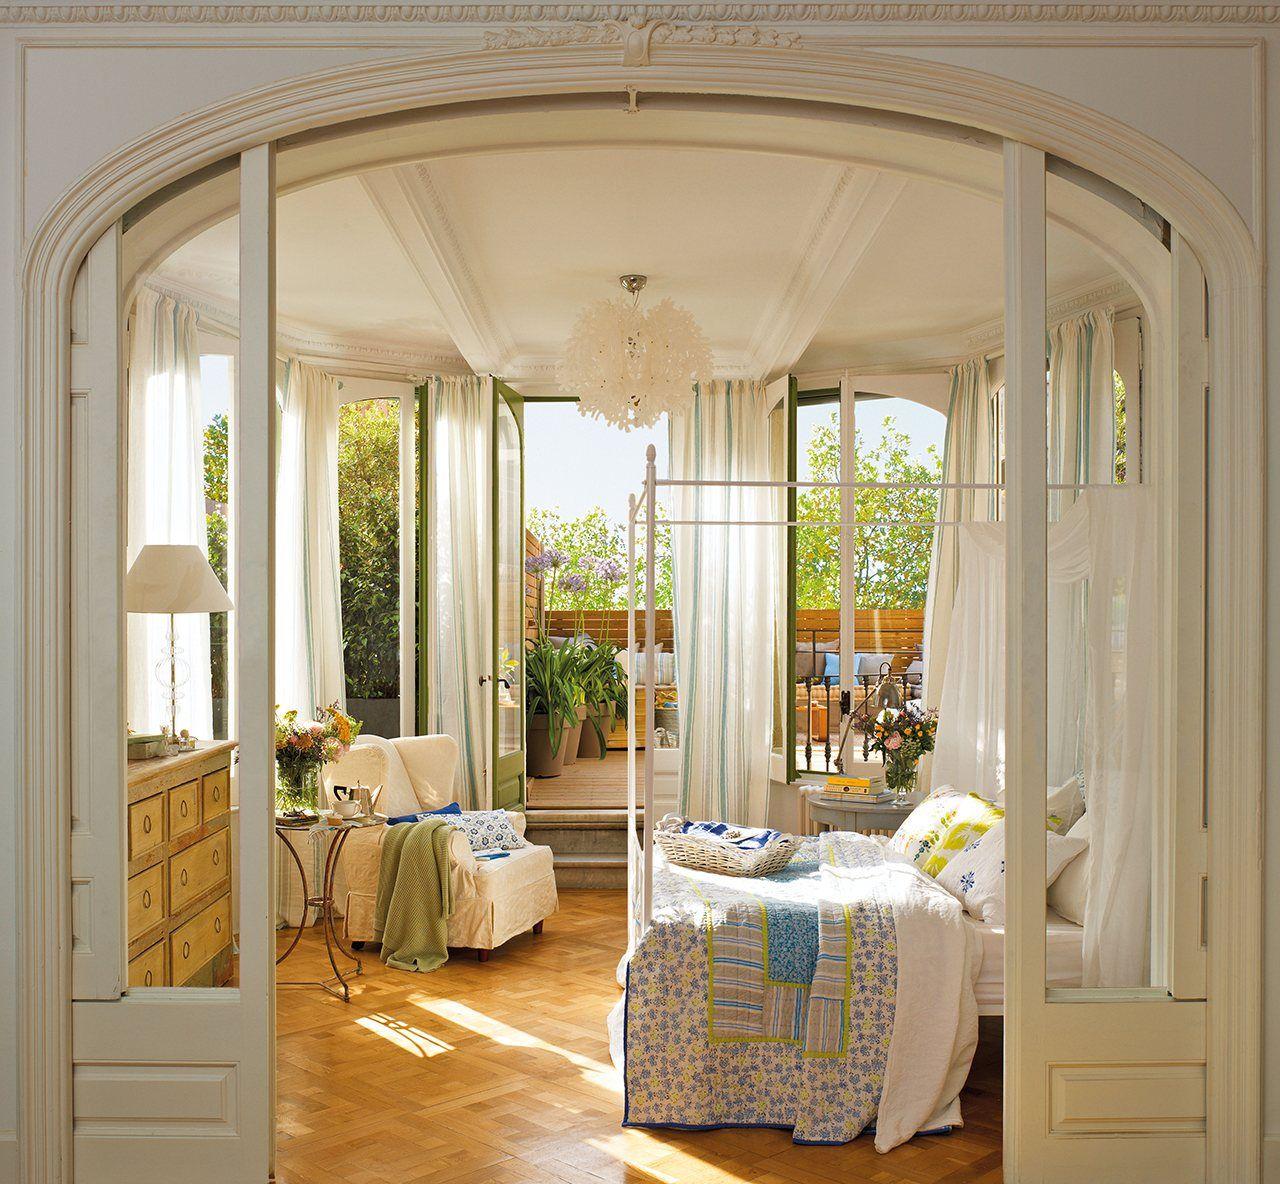 10 dormitorios de ensue o hogar pinterest Dormitorios de ensueno